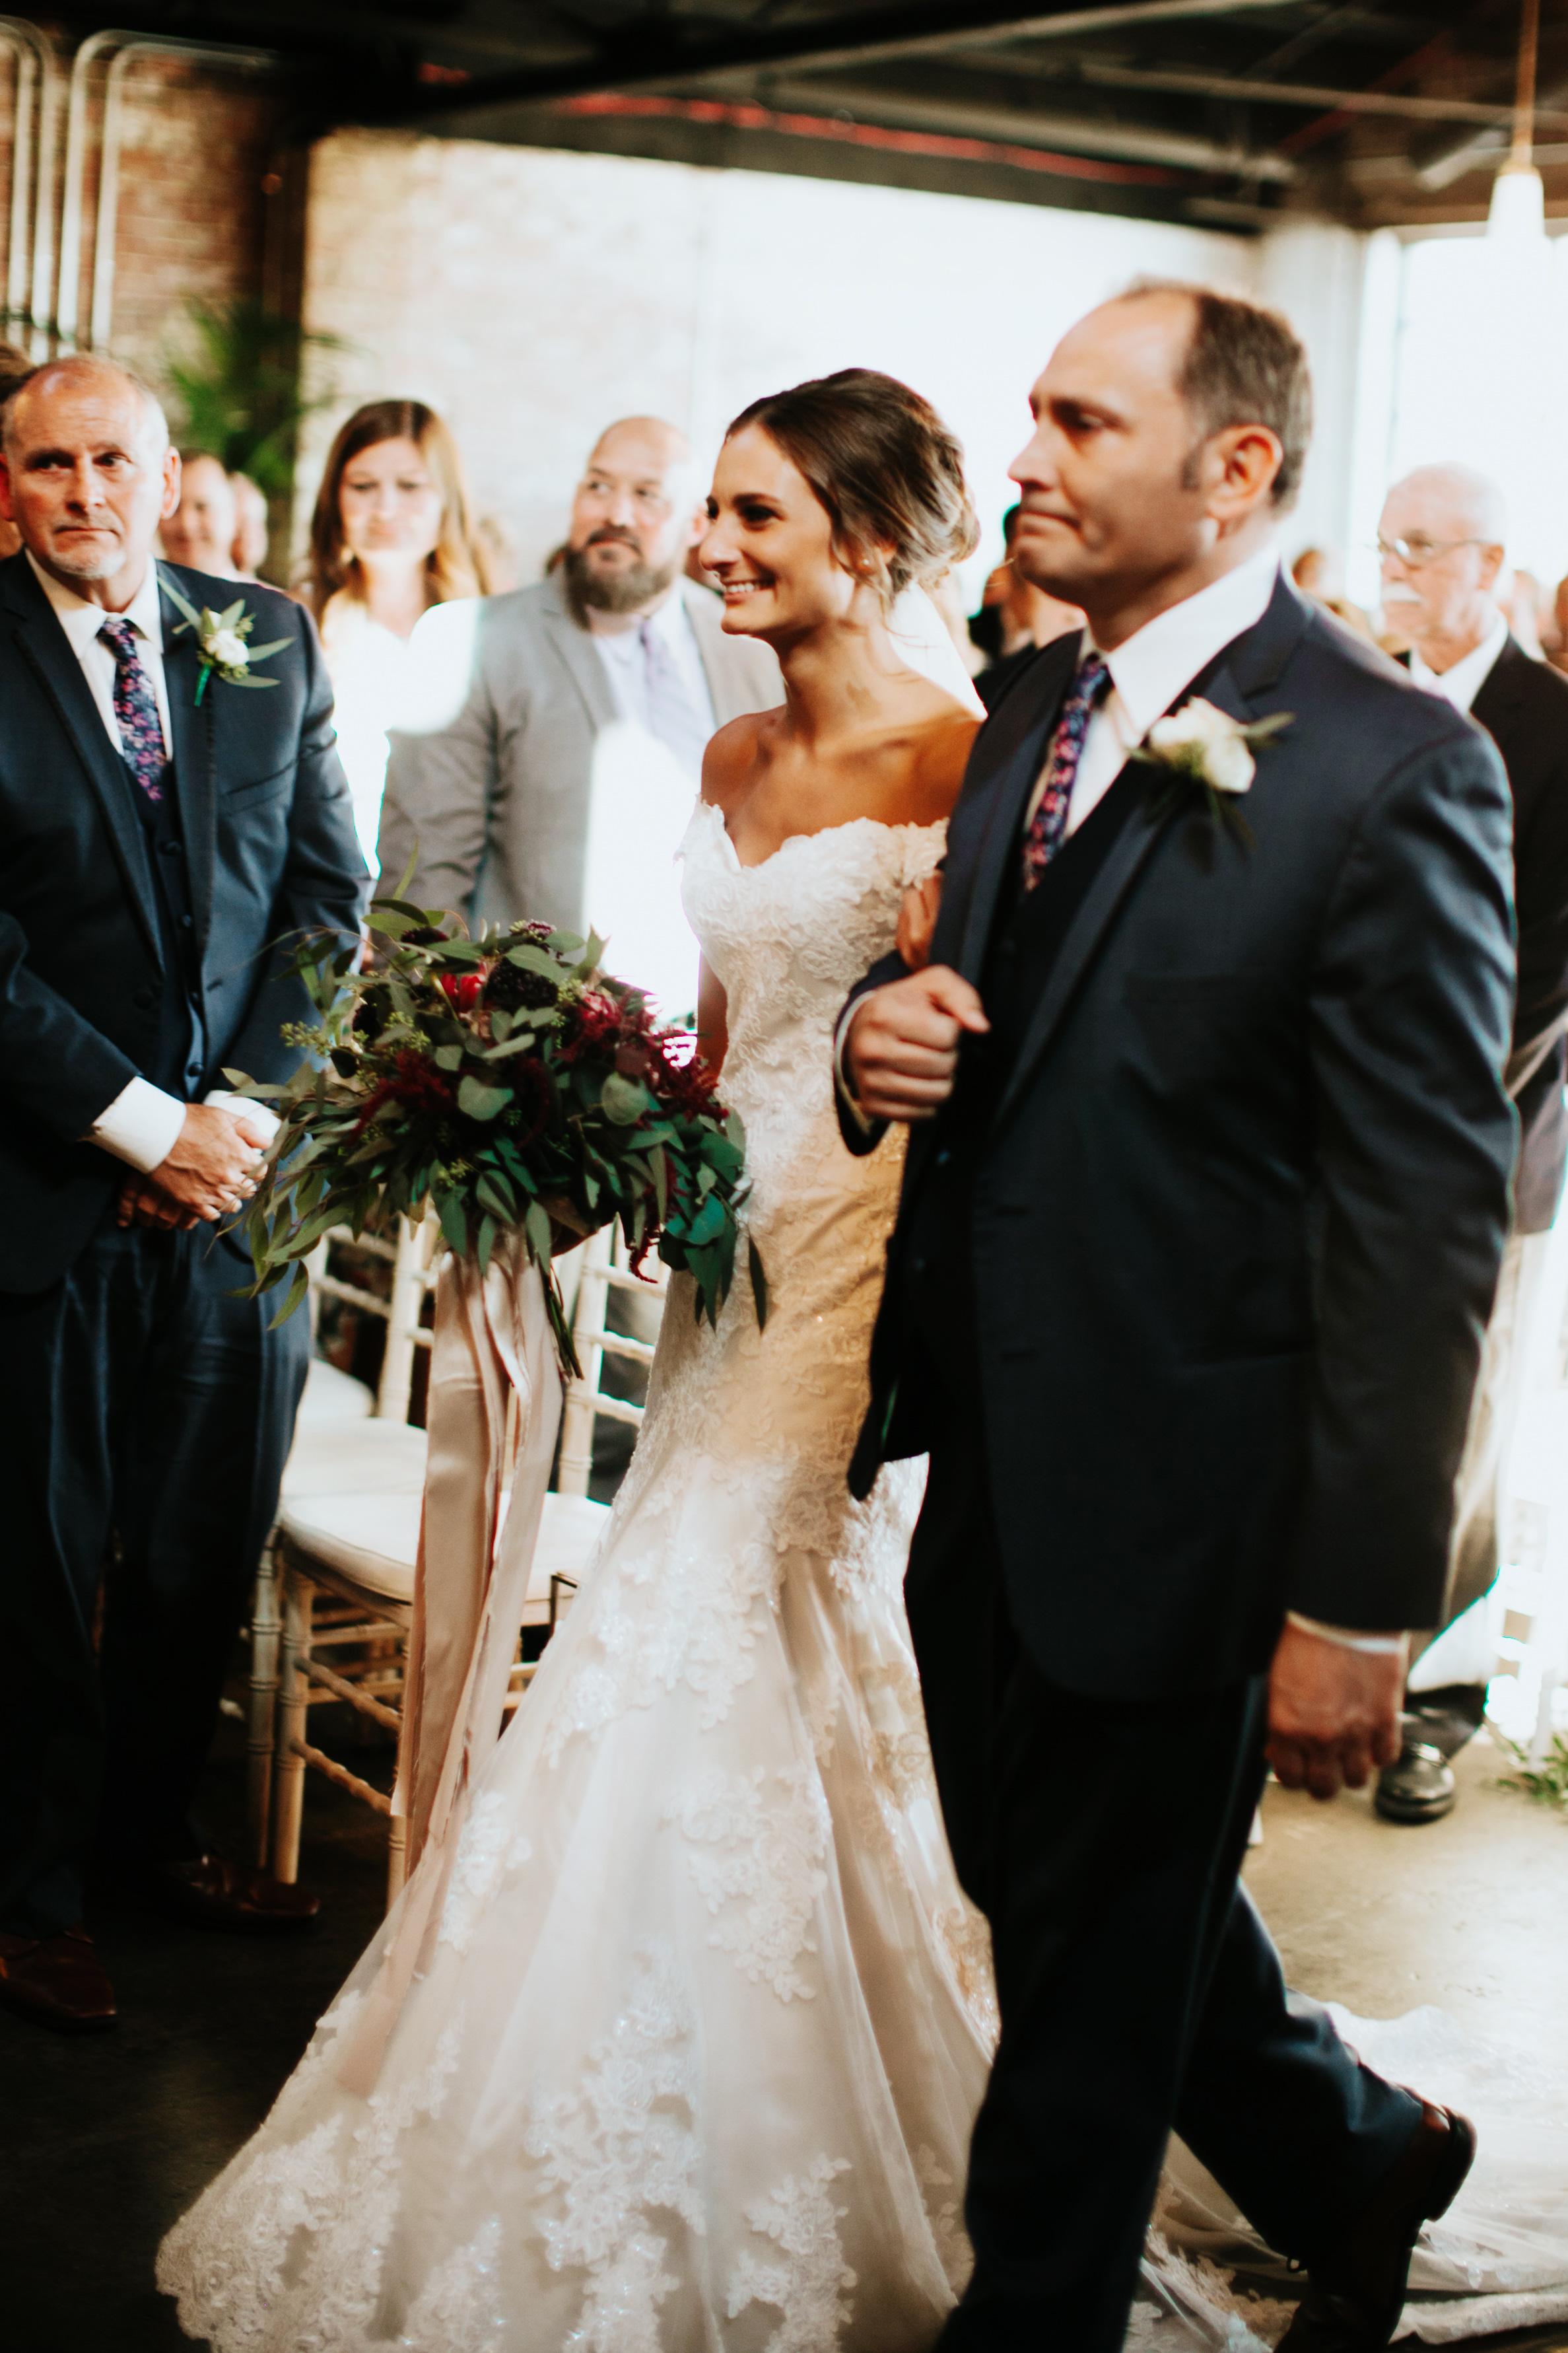 KK-Wedding-385.jpg